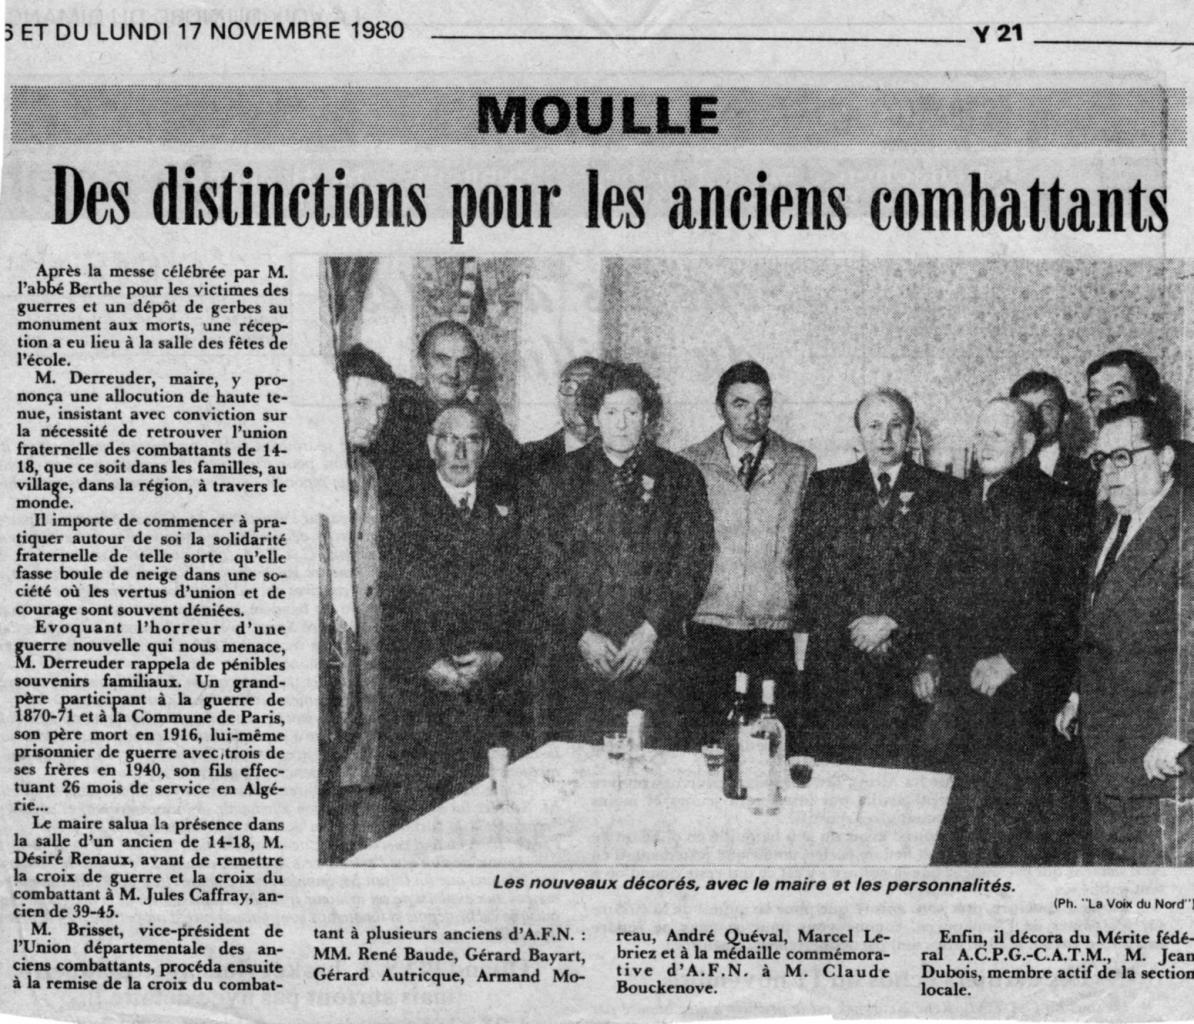 MOULLE Désiré Renaux